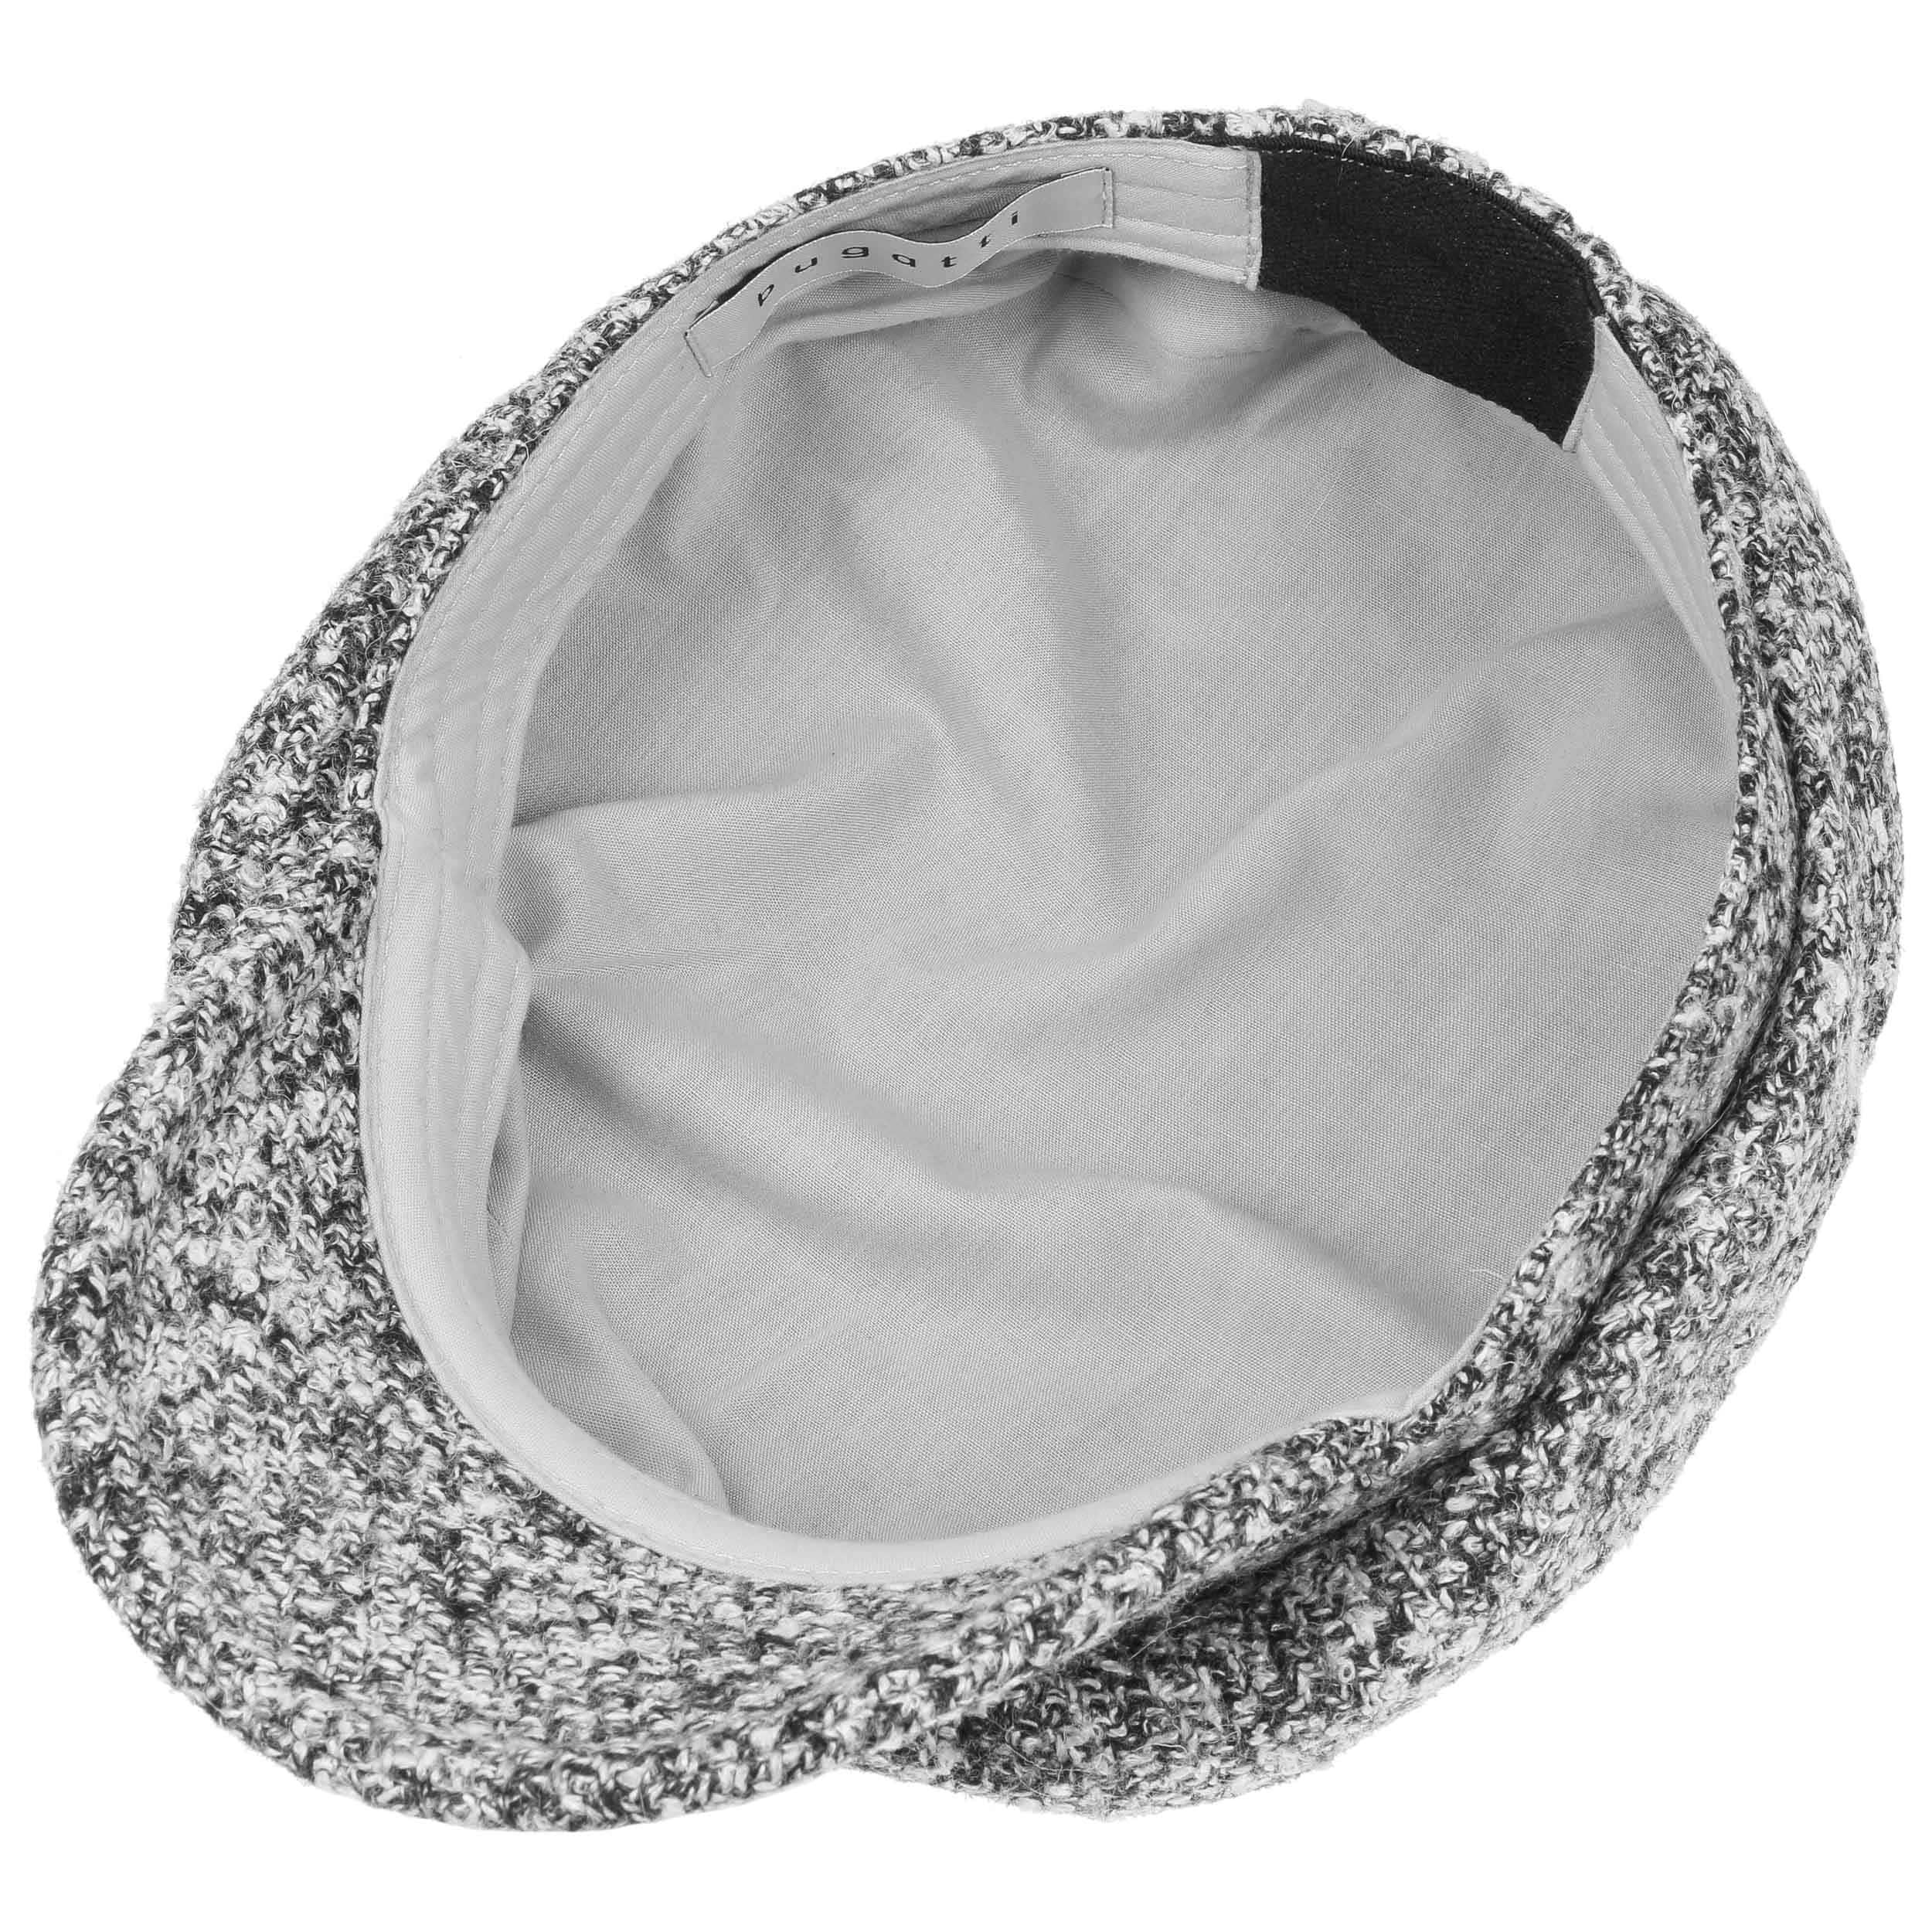 ... Black White Baker Boy Hat by bugatti - black-white 2 ... 3fe2c16235b